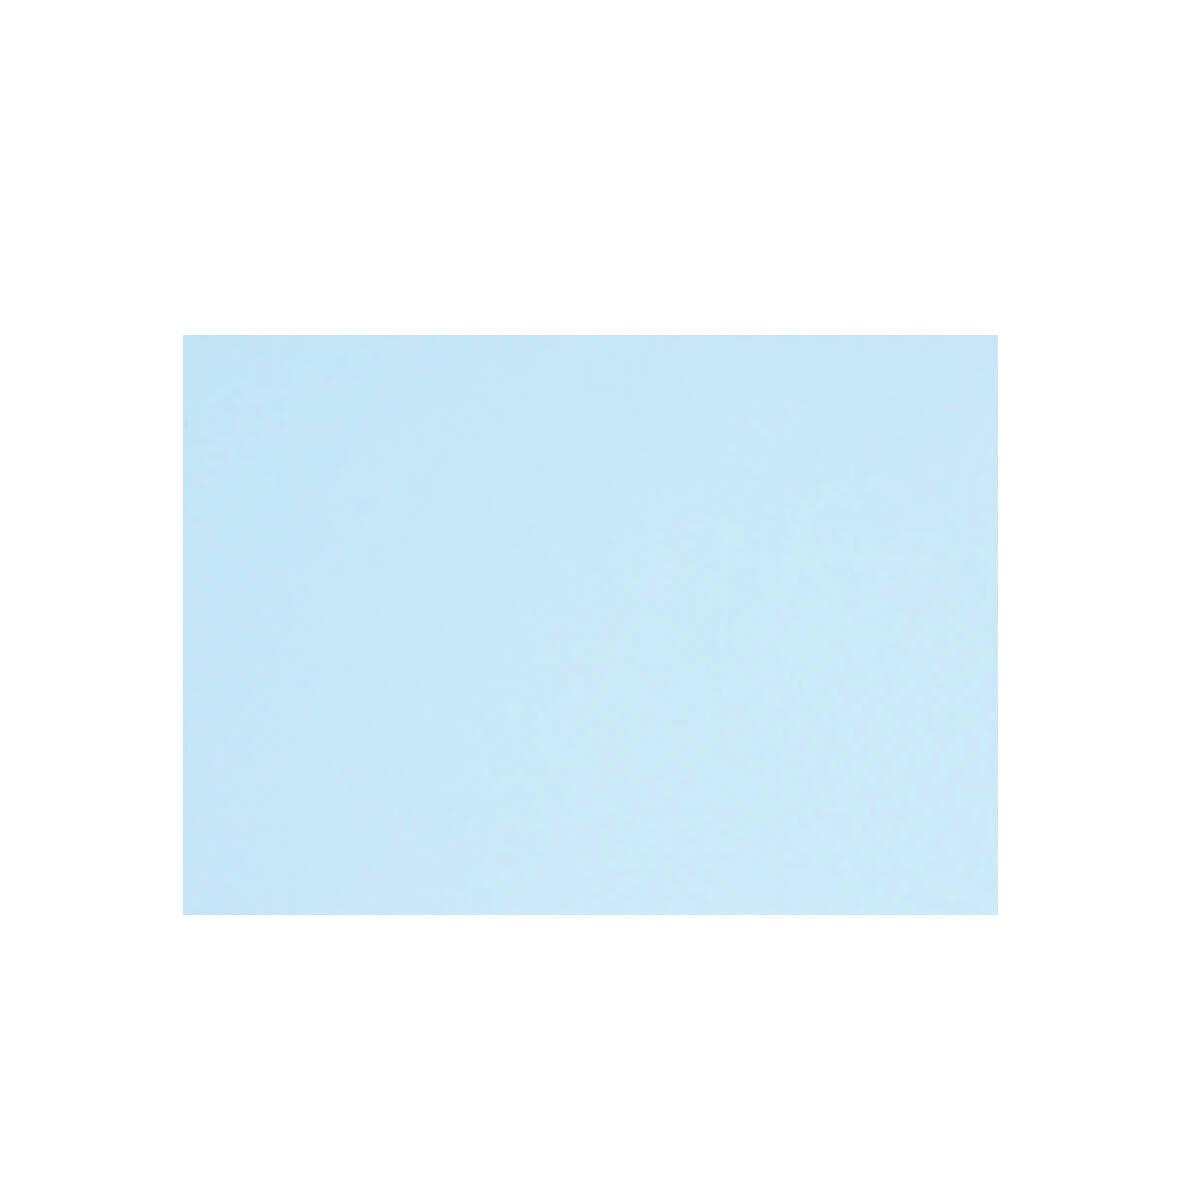 PALE BLUE 133 x 184mm ENVELOPES